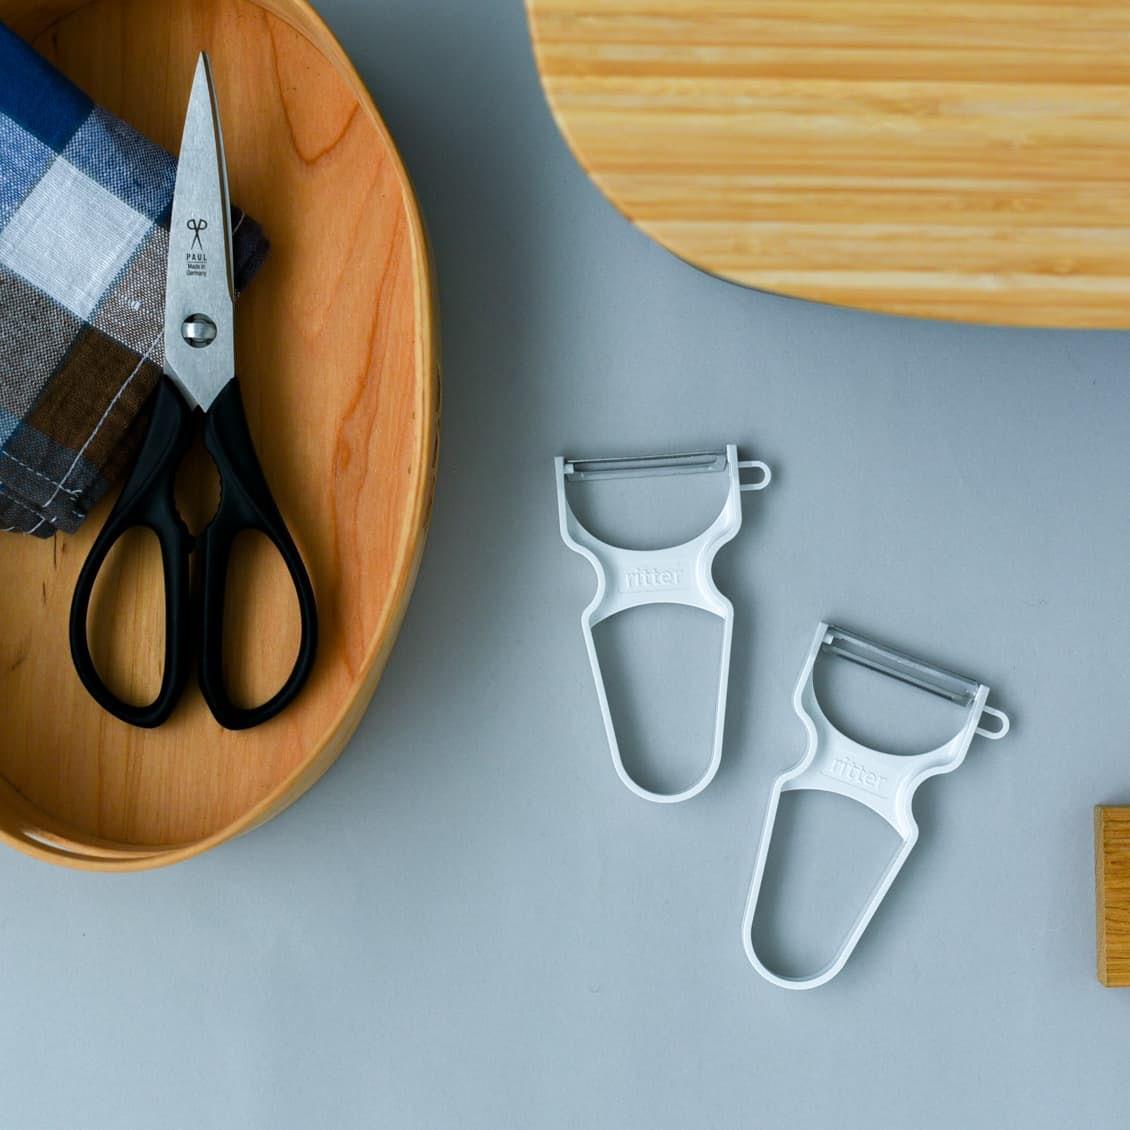 【いいものカタログ|食卓・台所道具編】スタッフの愛用率も高い、丈夫で頼れる台所道具3選